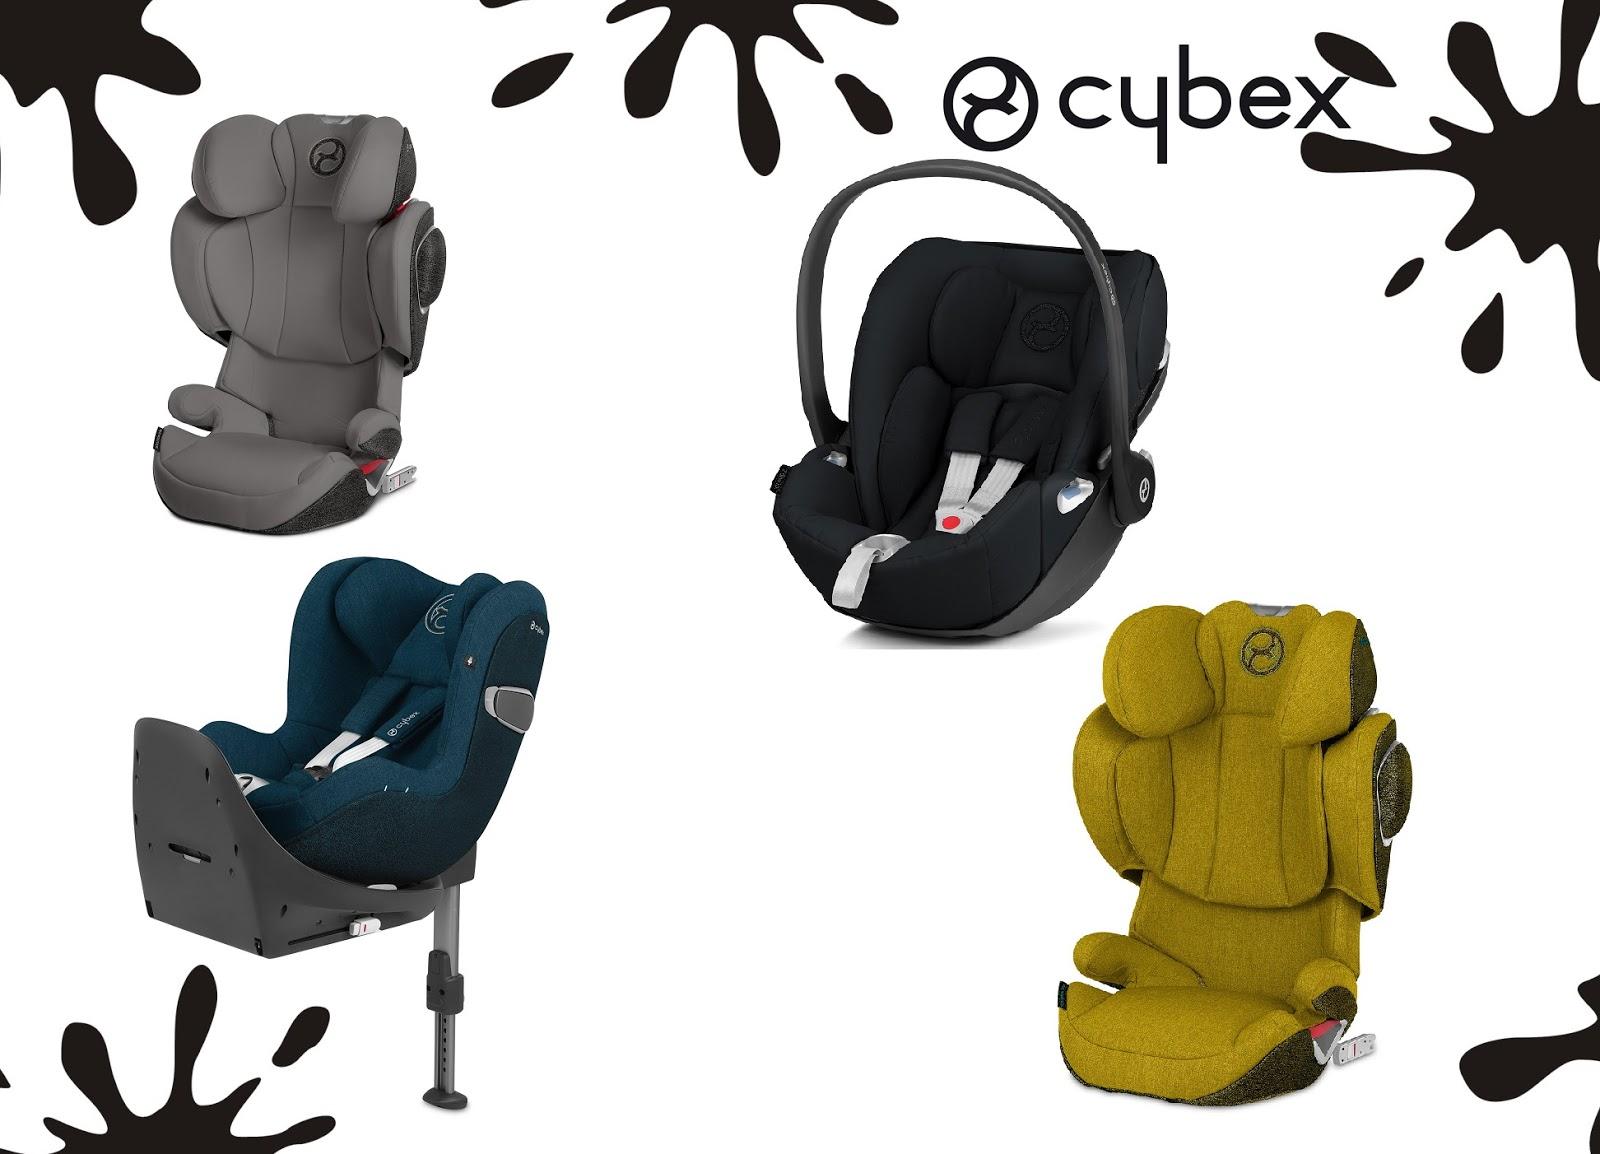 Bezpieczny Fotelik Dla Dziecka - Foteliki Samochodowe Cybex - Dlaczego Warto?